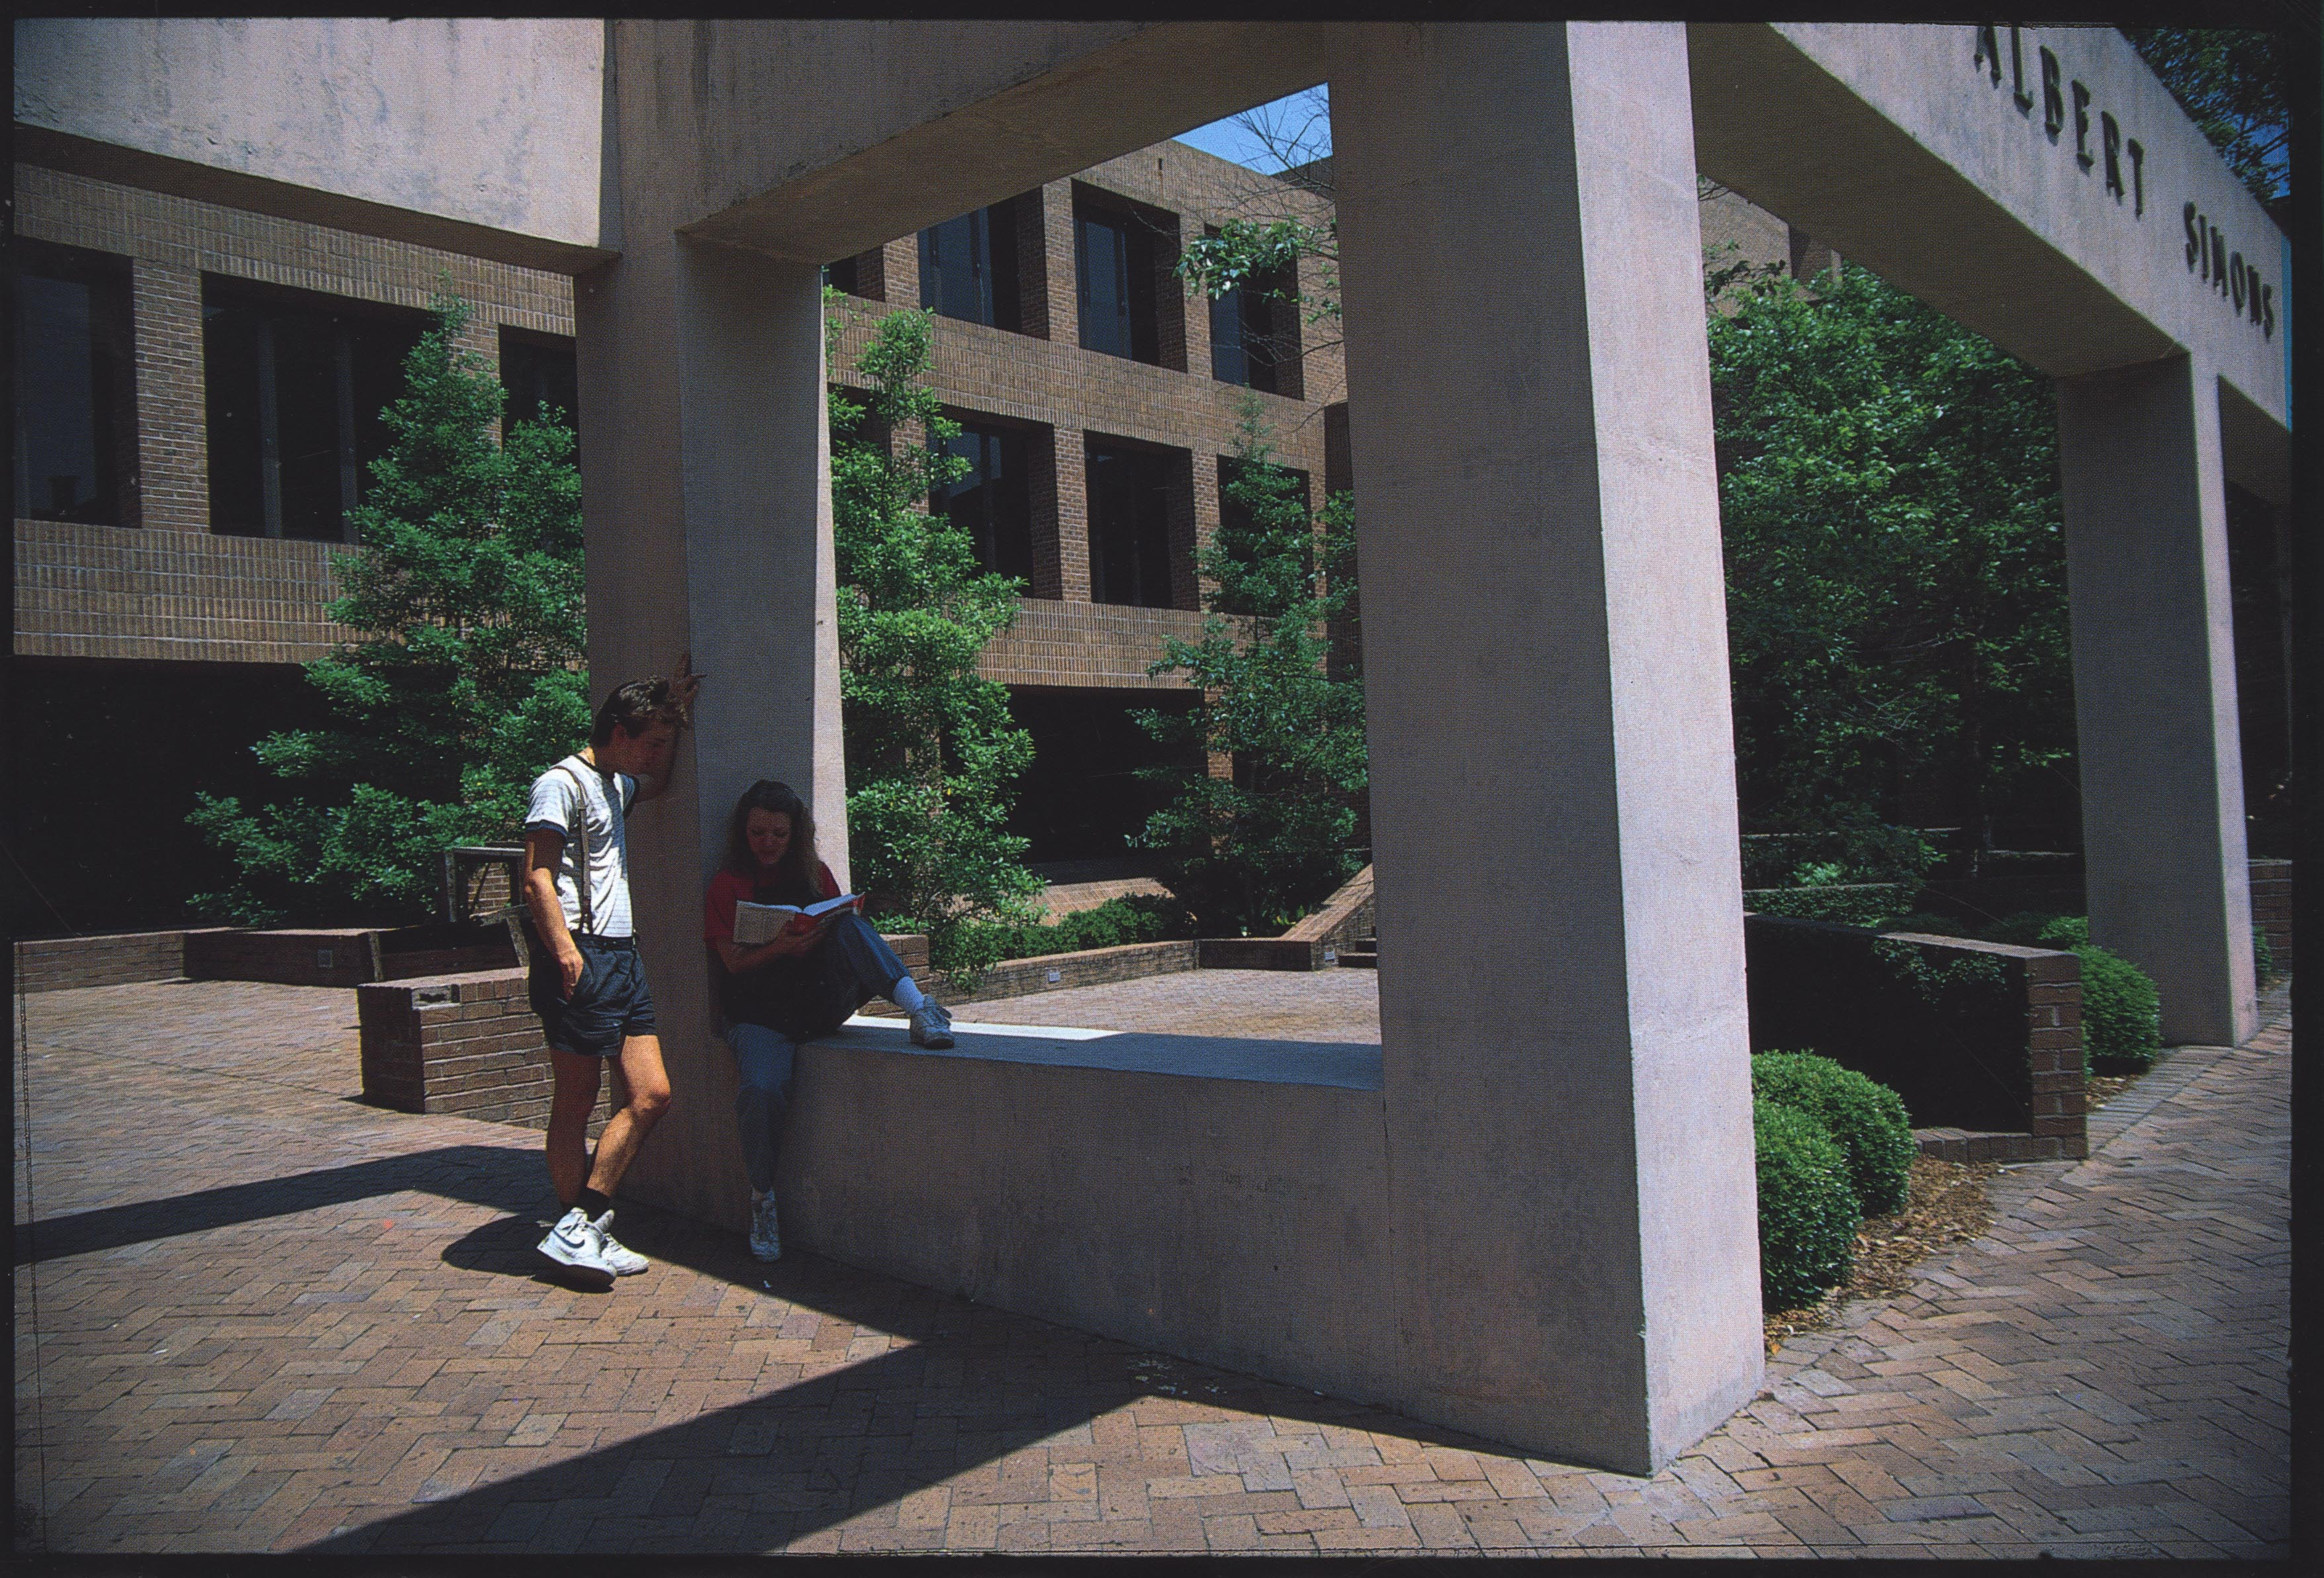 Simons Center